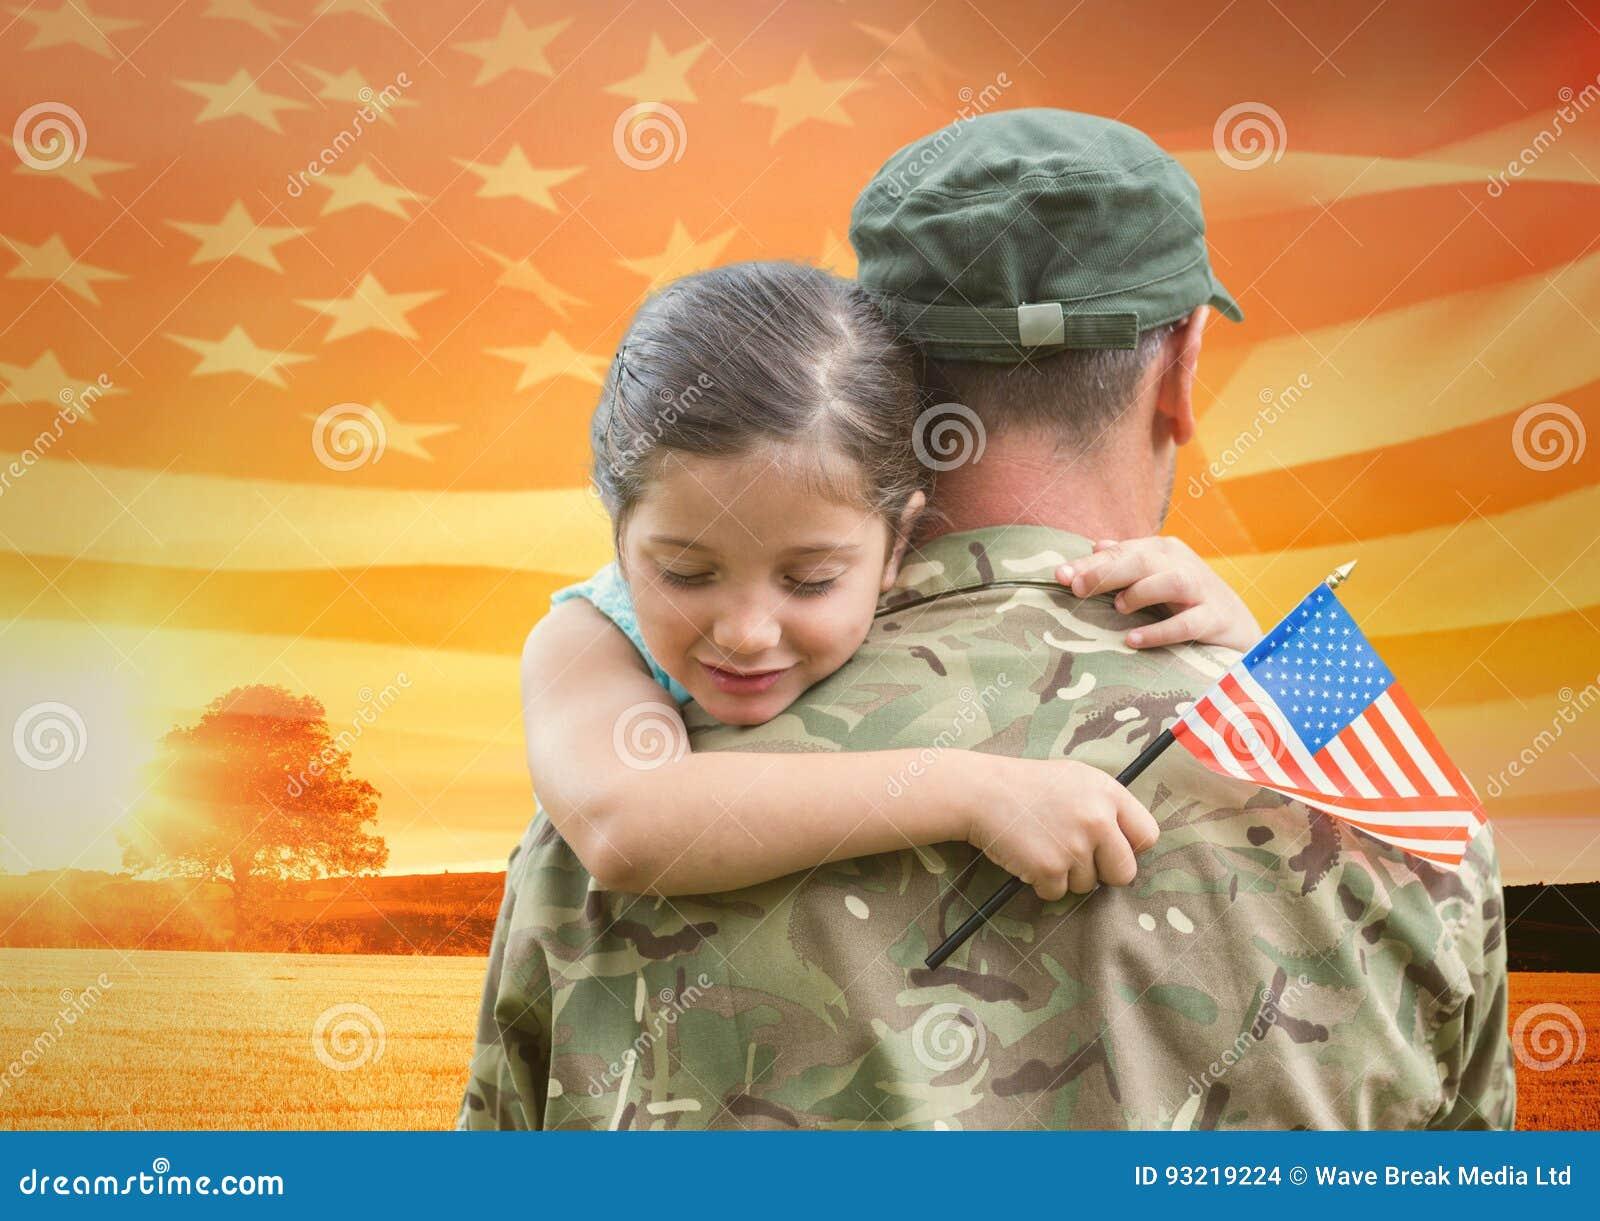 Soldat étreignant la fille dans le domaine avec le drapeau des Etats-Unis